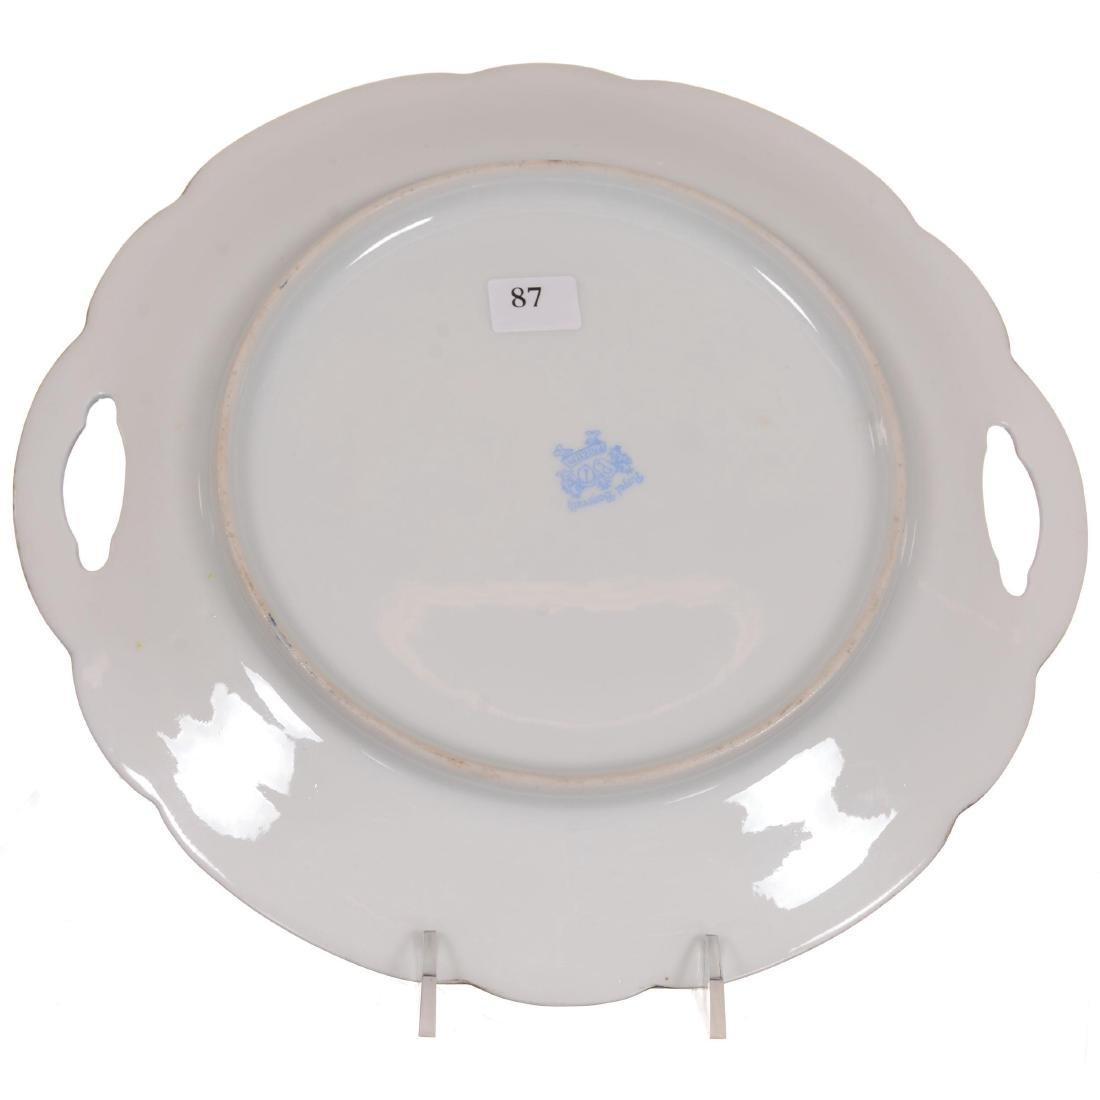 Royal Bayreuth Cake Plate - 3